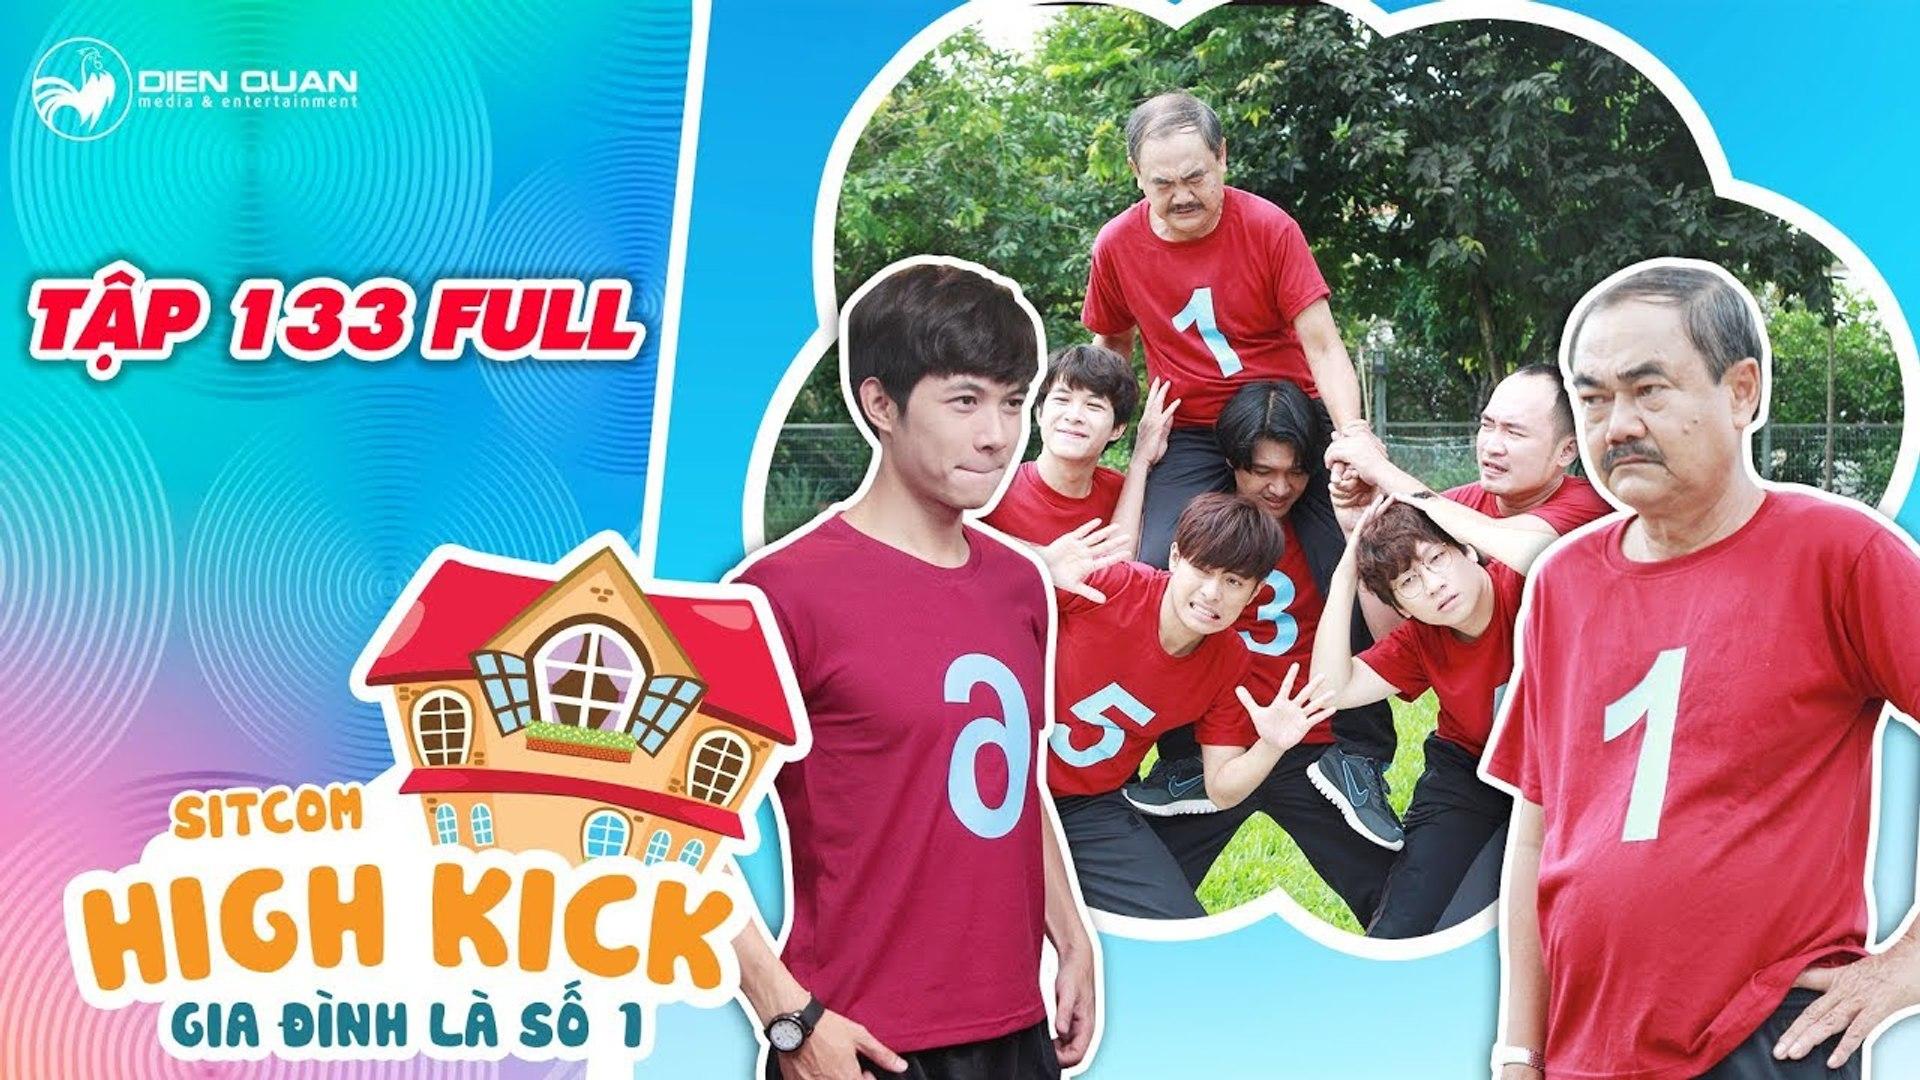 Gia đình là số 1 sitcom - Tập 133 full- Kim Long khiến ông Nghĩa hối hận về ngày cuối tuần đoàn kết